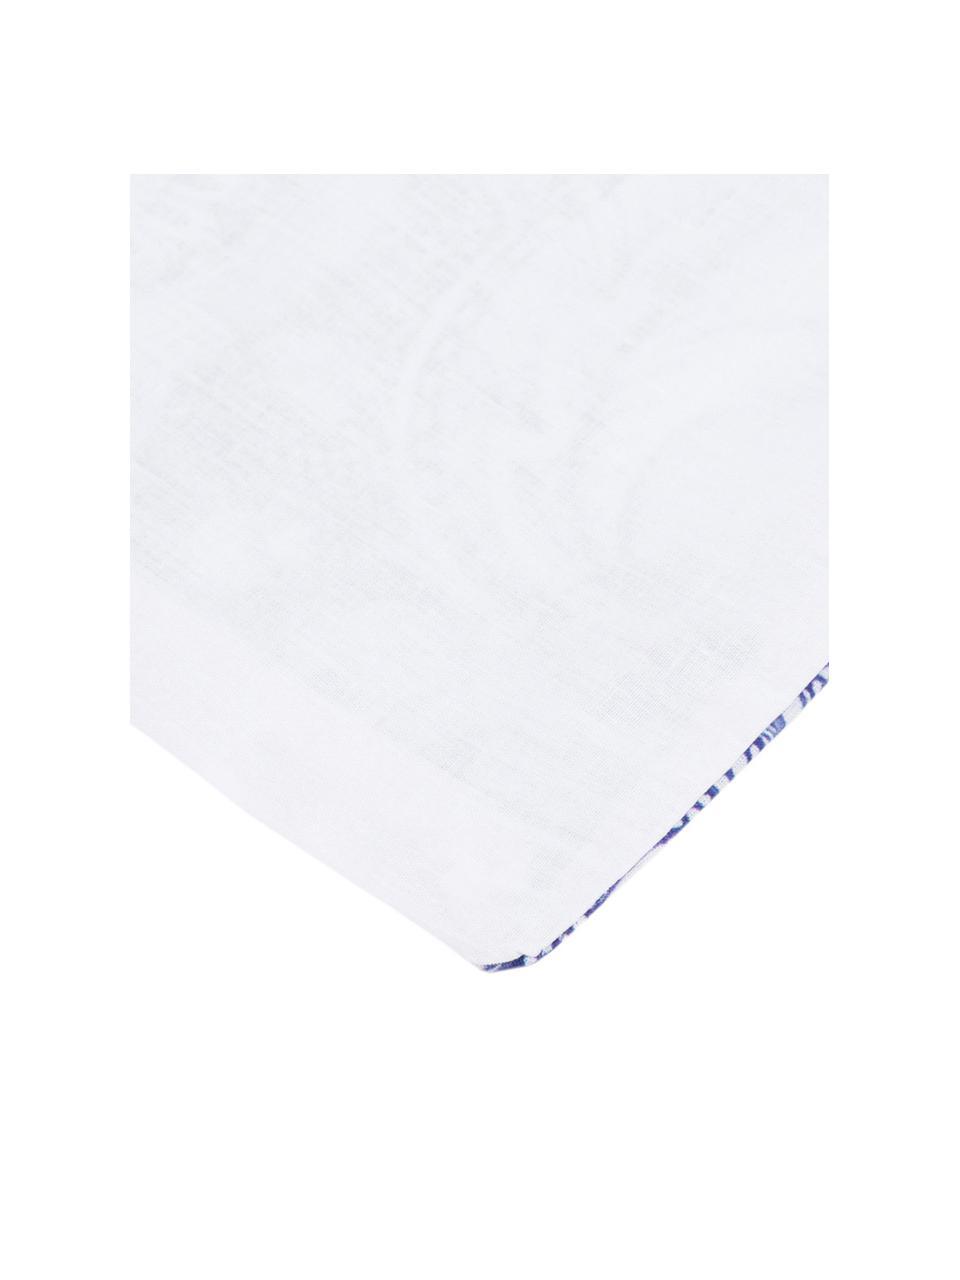 Parure copripiumino in cotone Lato, Cotone, Fronte: tonalità blu, bianco, retro: bianco, 200 x 200 cm + 2 federe 50 x 80 cm